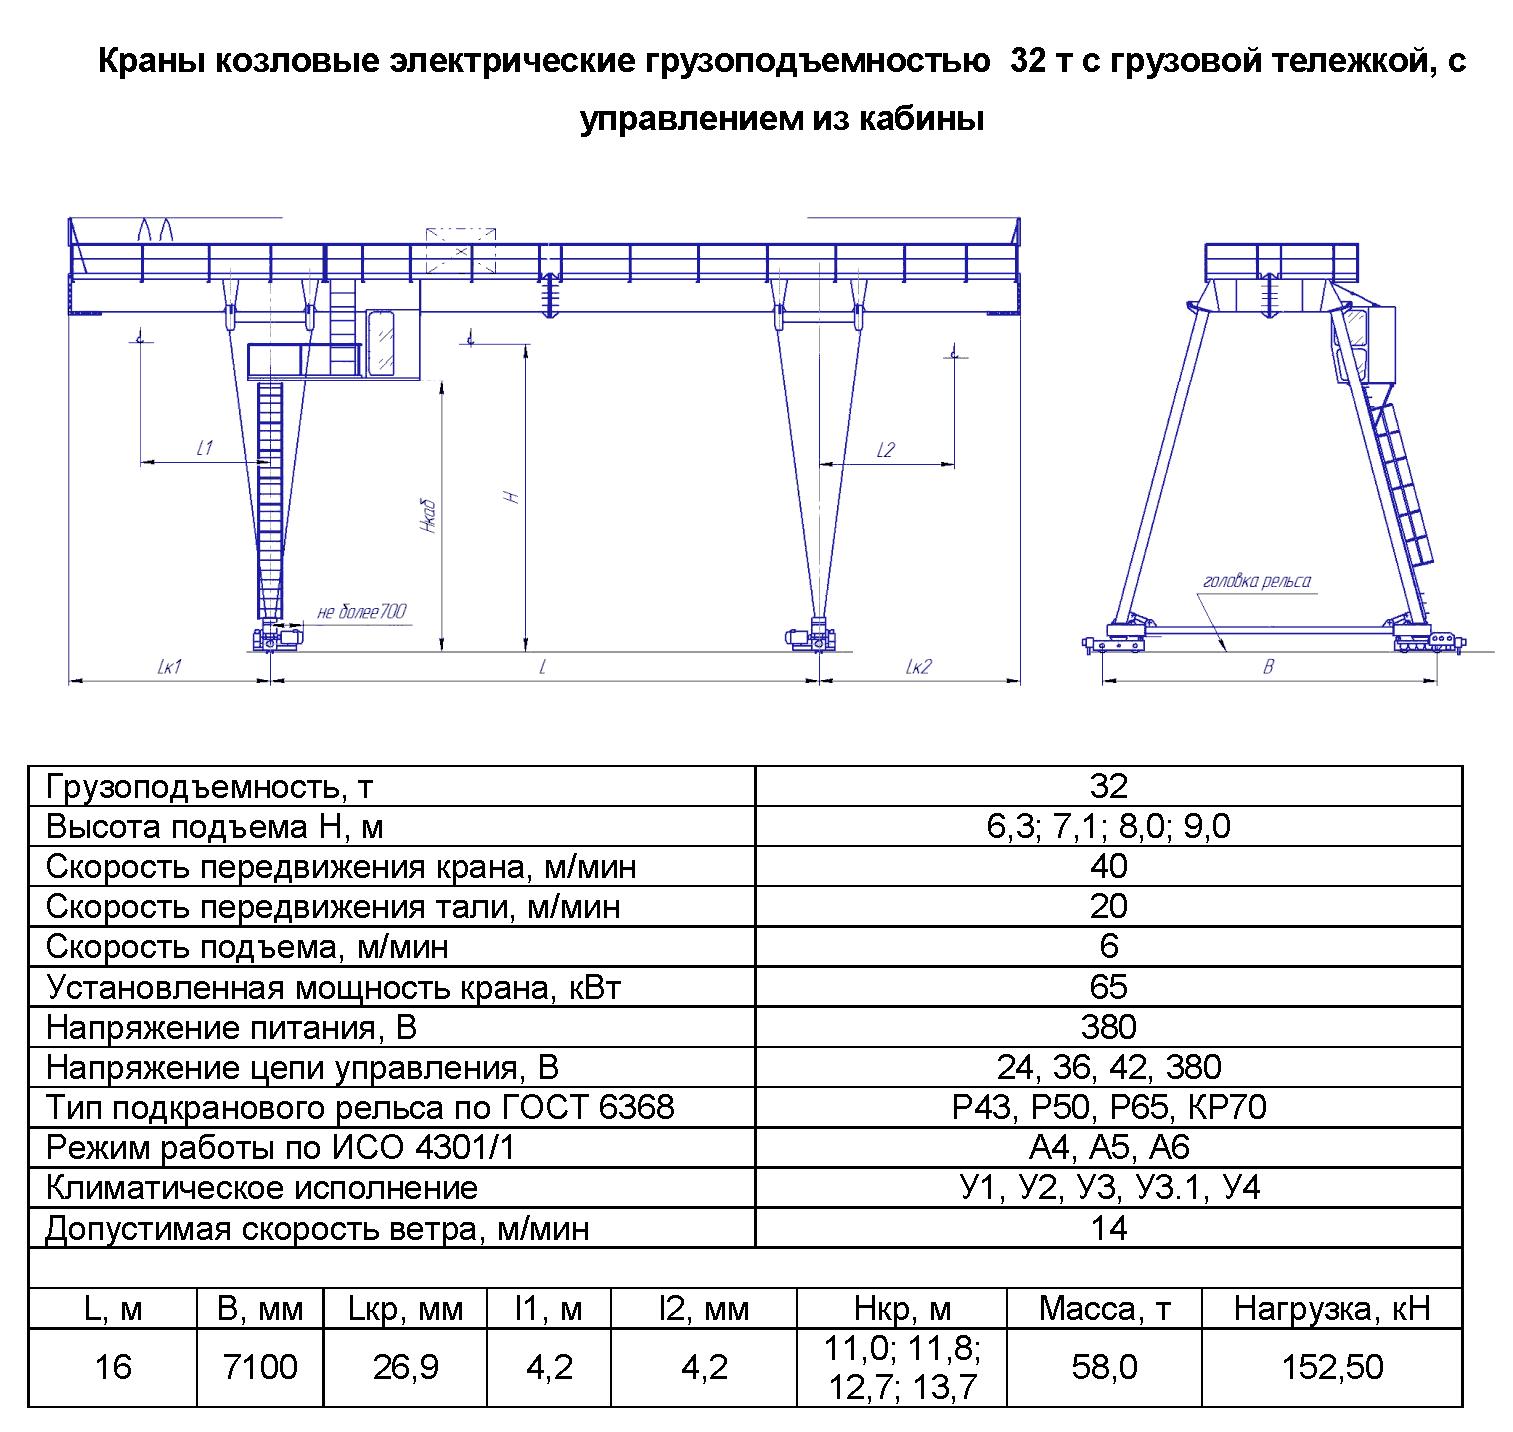 KKD 32 160 - Кран козловой электрический двухбалочный